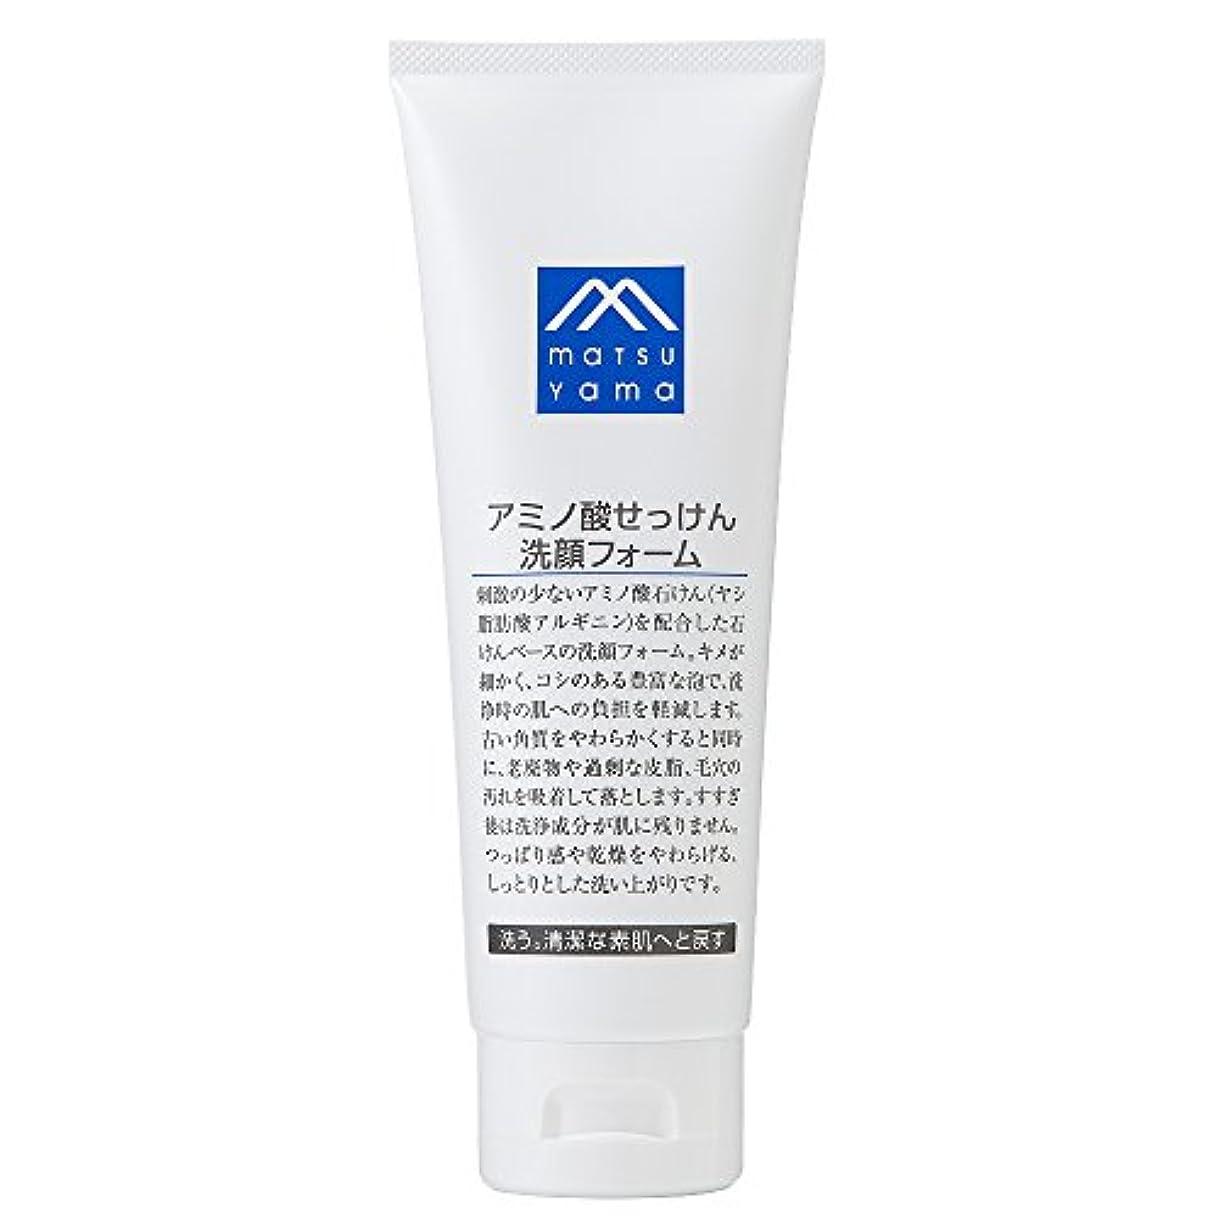 地質学領事館アジア人M-mark アミノ酸せっけん洗顔フォーム